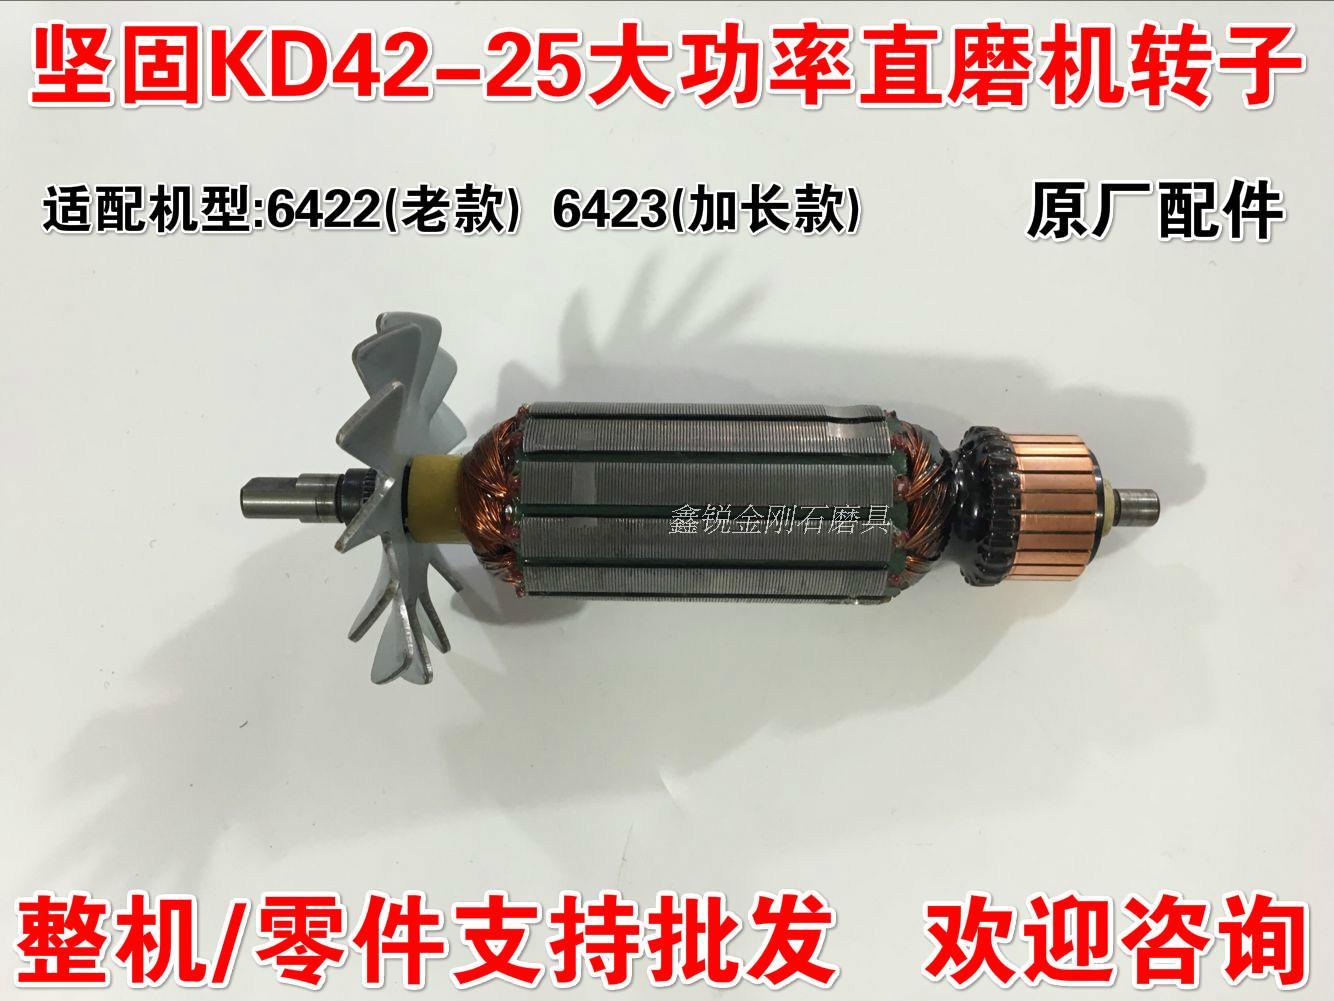 頑丈なKD42-25ストレートミルローター710Wハイパワーミルパート6422 6423ストレートミルローター